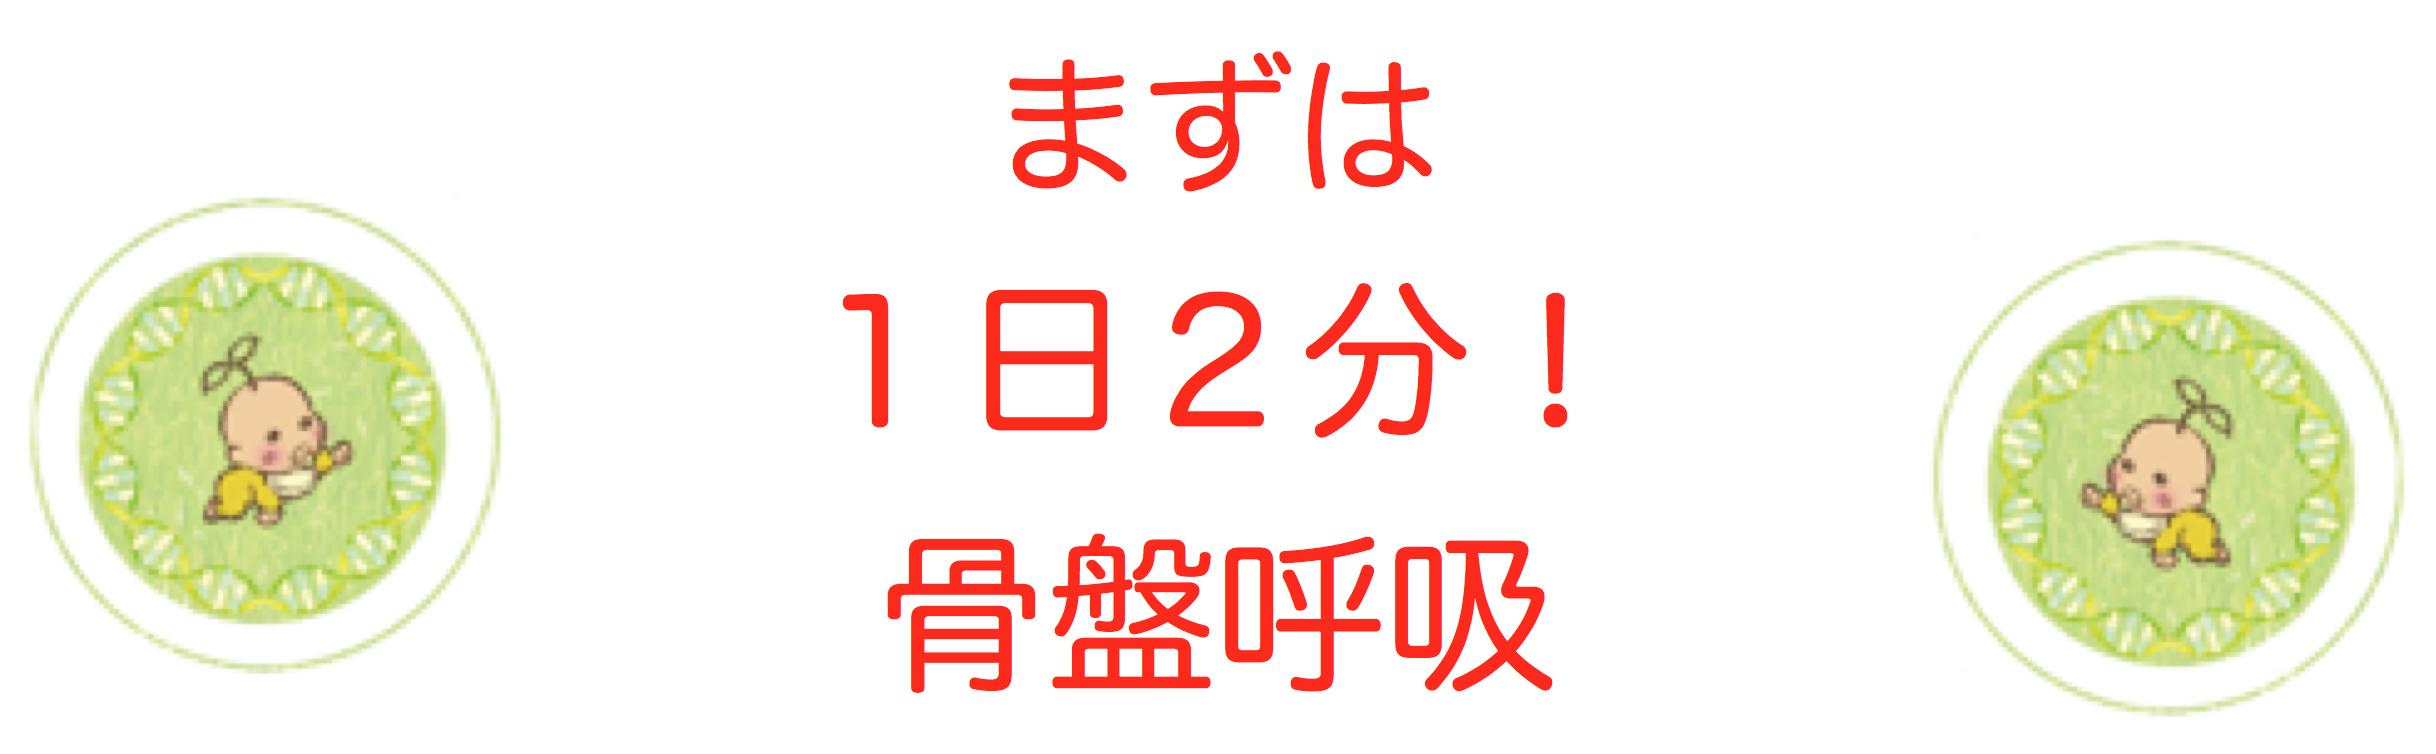 スクリーンショット 2015-05-18 1.25.38